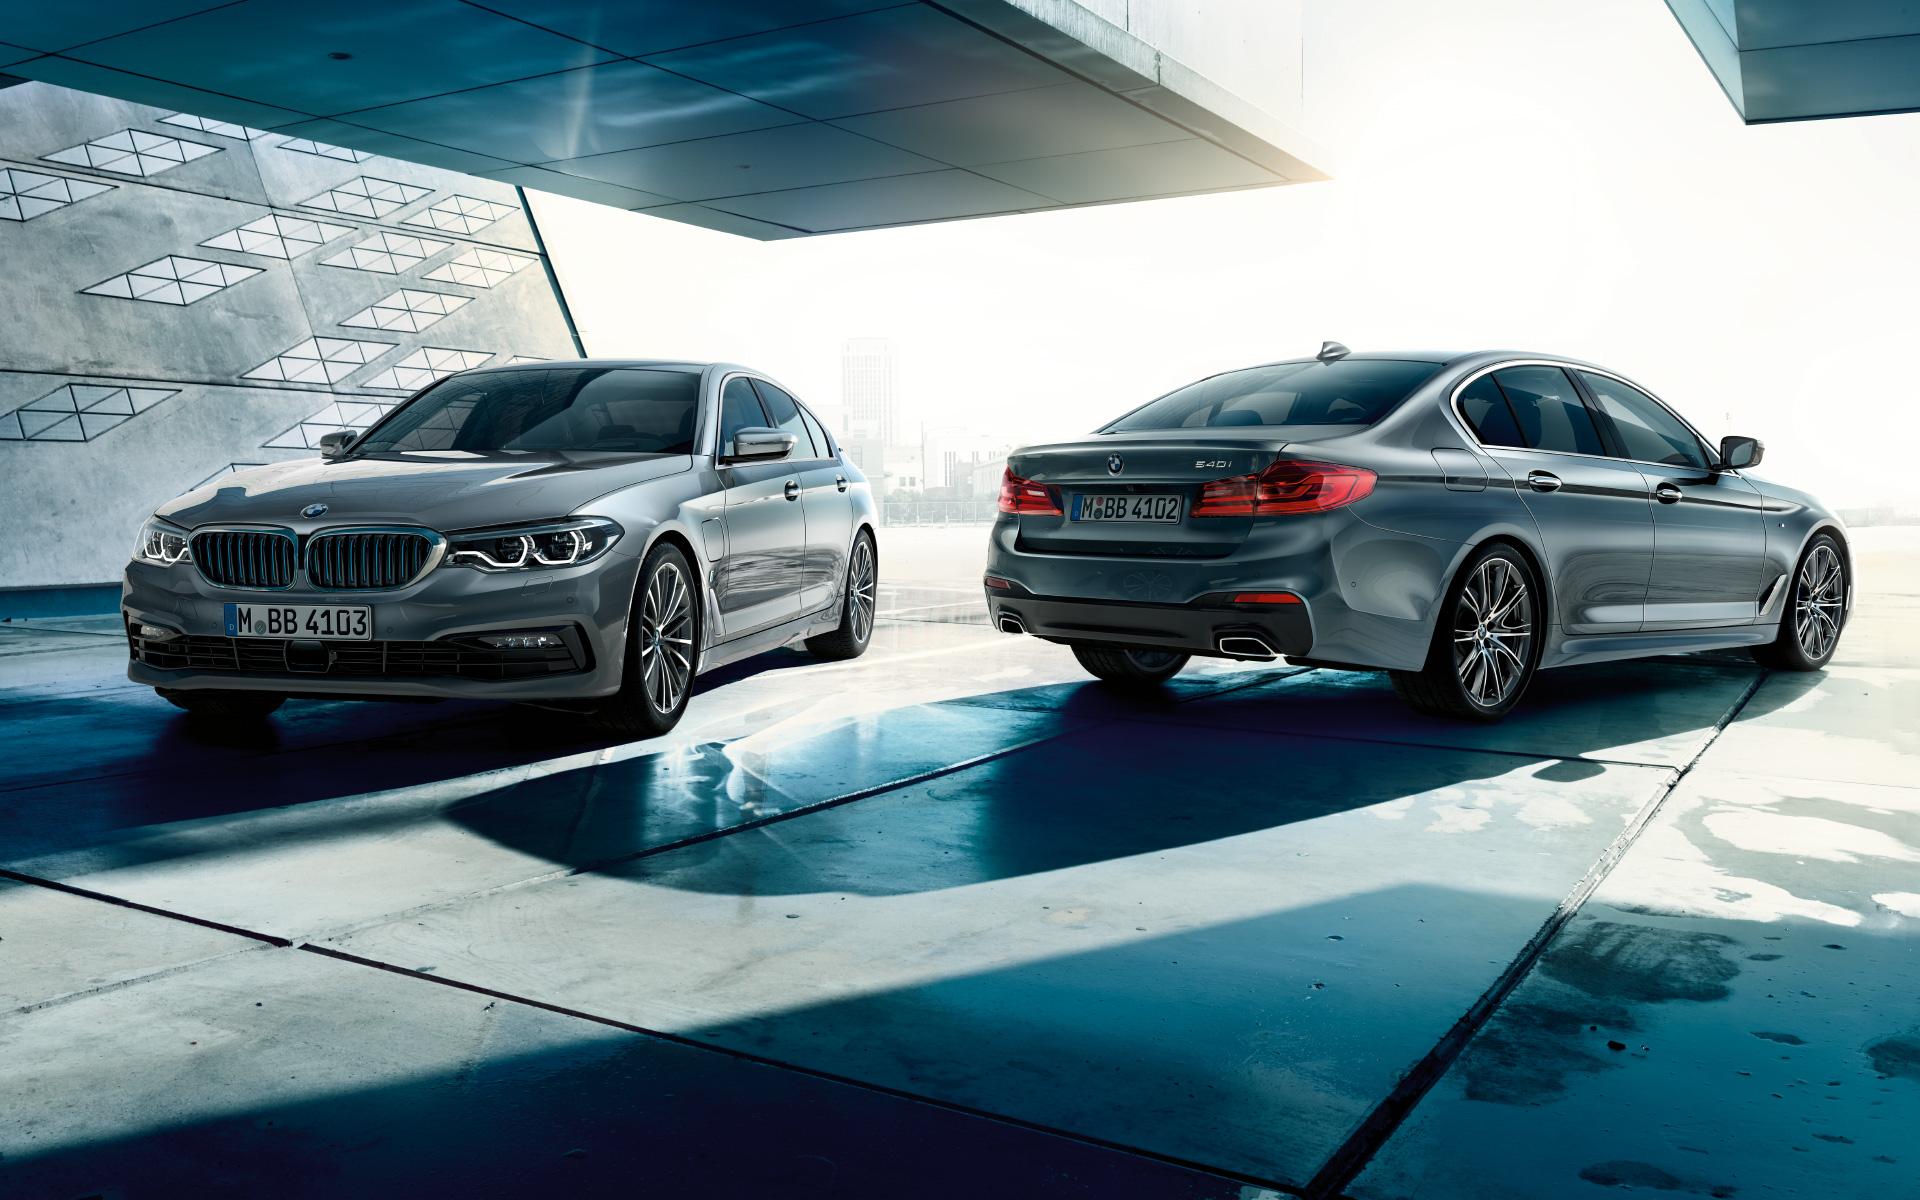 BMW Series 5 ที่สุดแห่งโปรโมชั่น